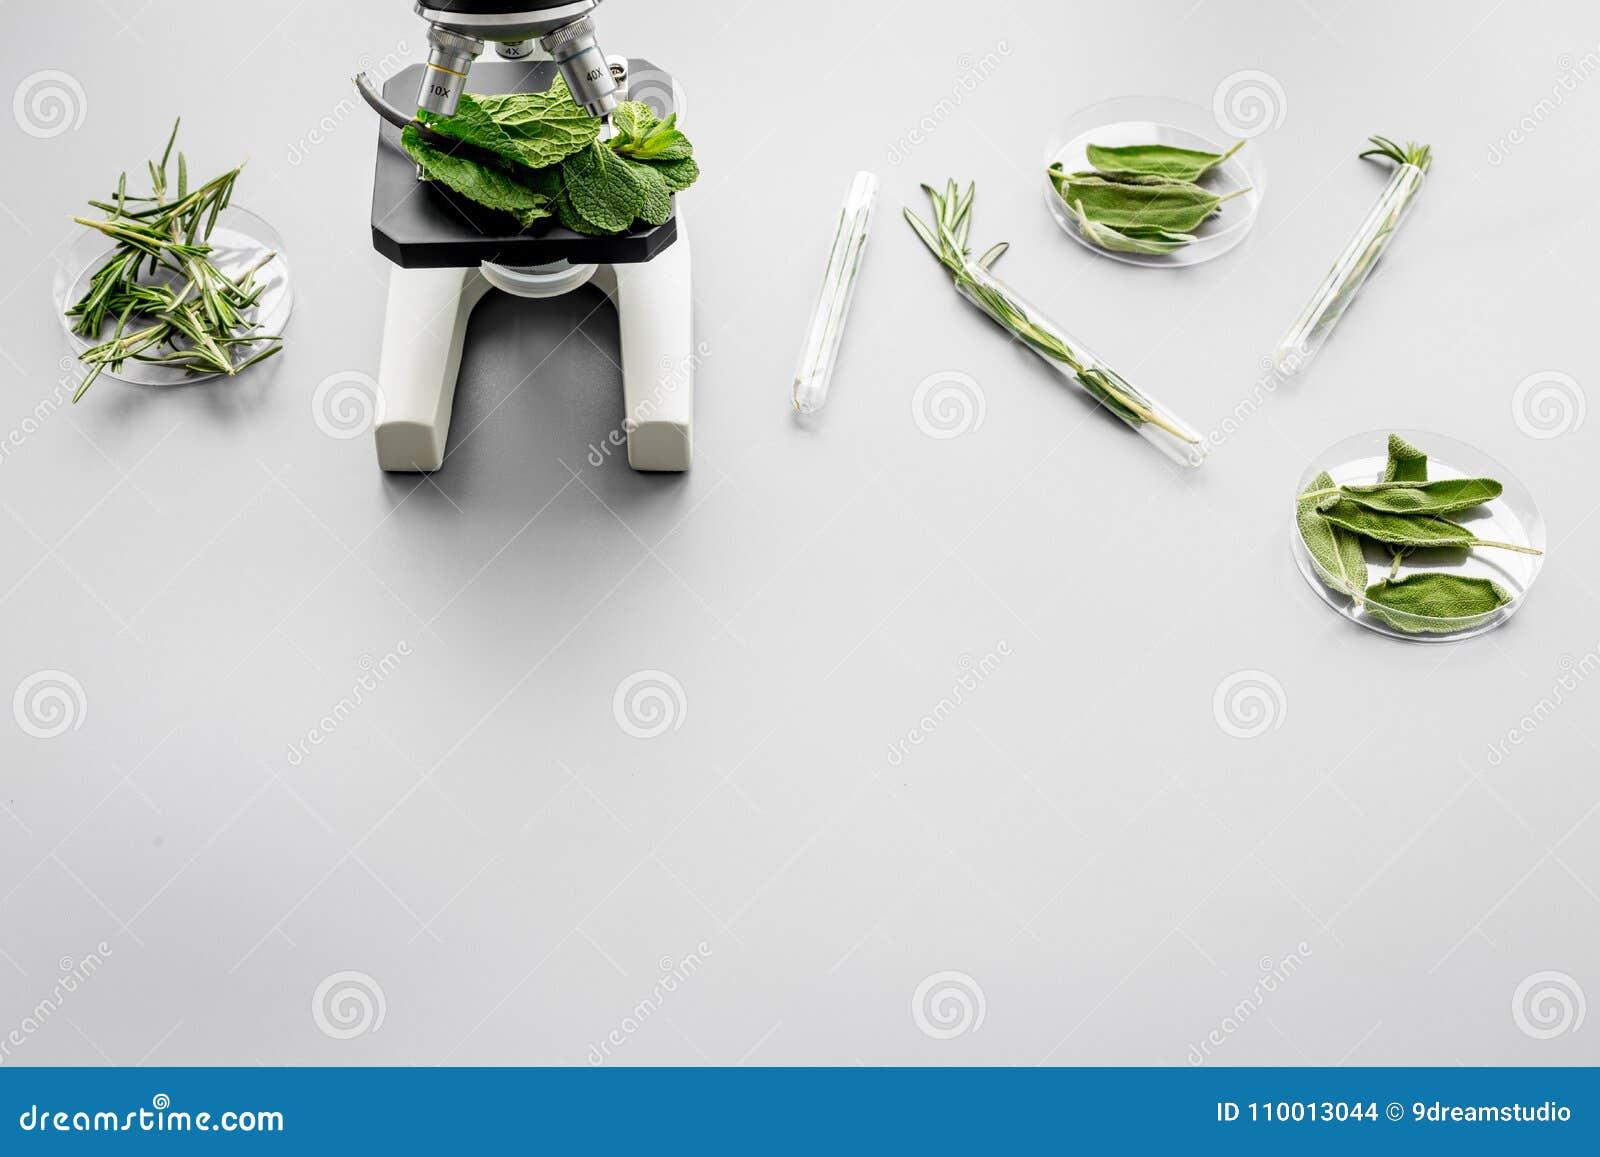 Τρόφιμα ασφάλειας Εργαστήριο για την ανάλυση τροφίμων Χορτάρια, πράσινα κάτω από το μικροσκόπιο στο γκρίζο διάστημα αντιγράφων άπ